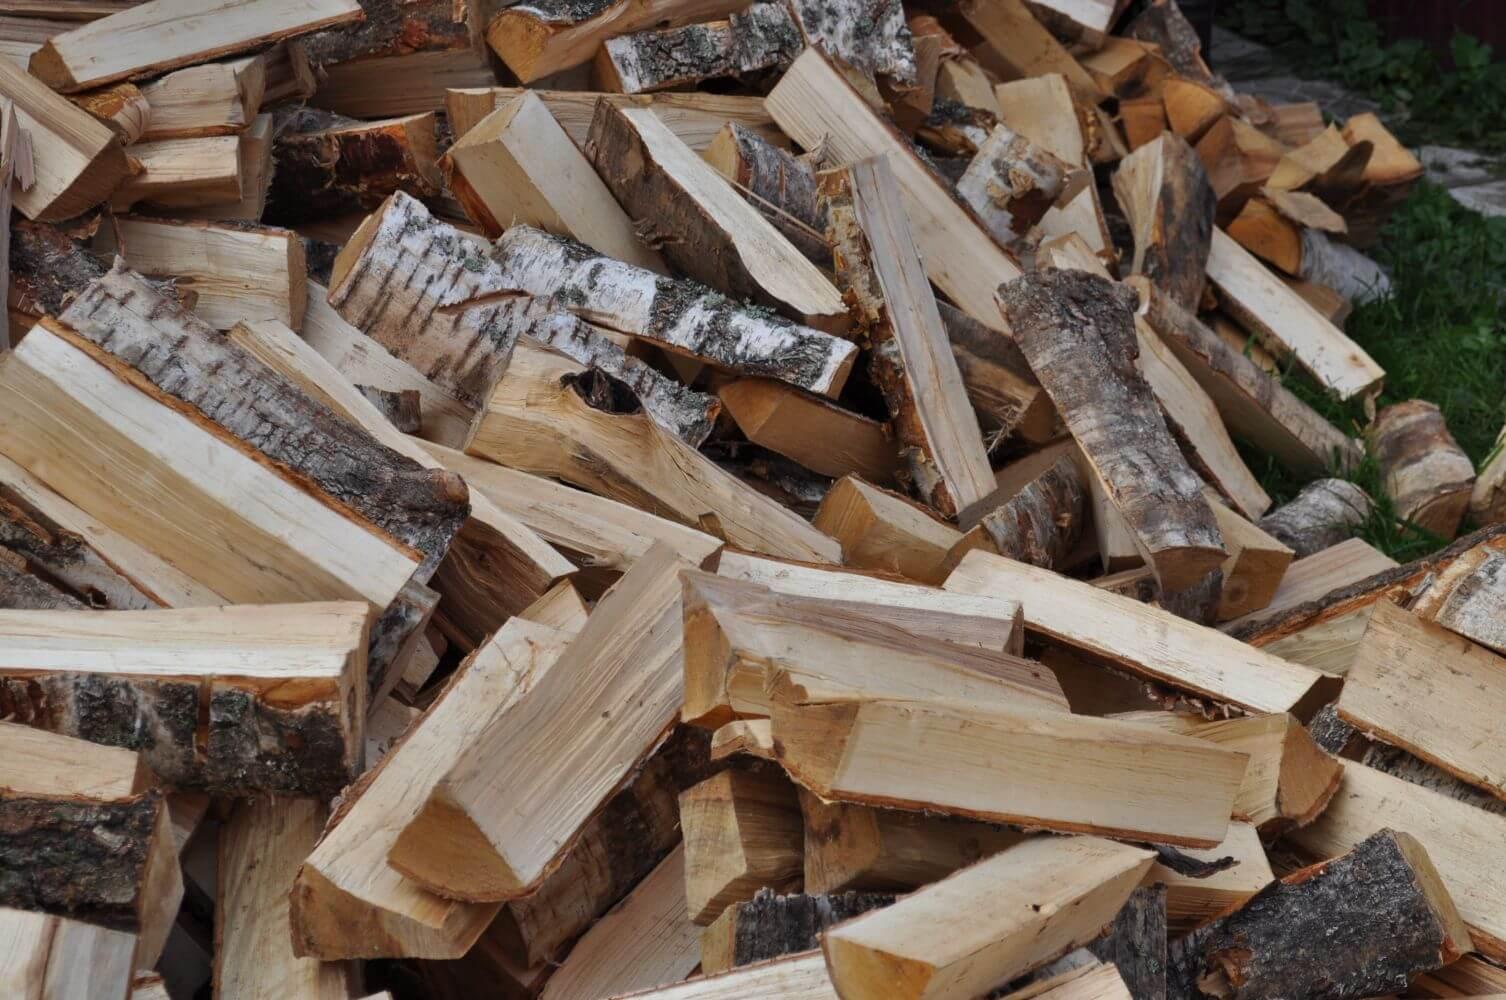 Фото продажи древесины